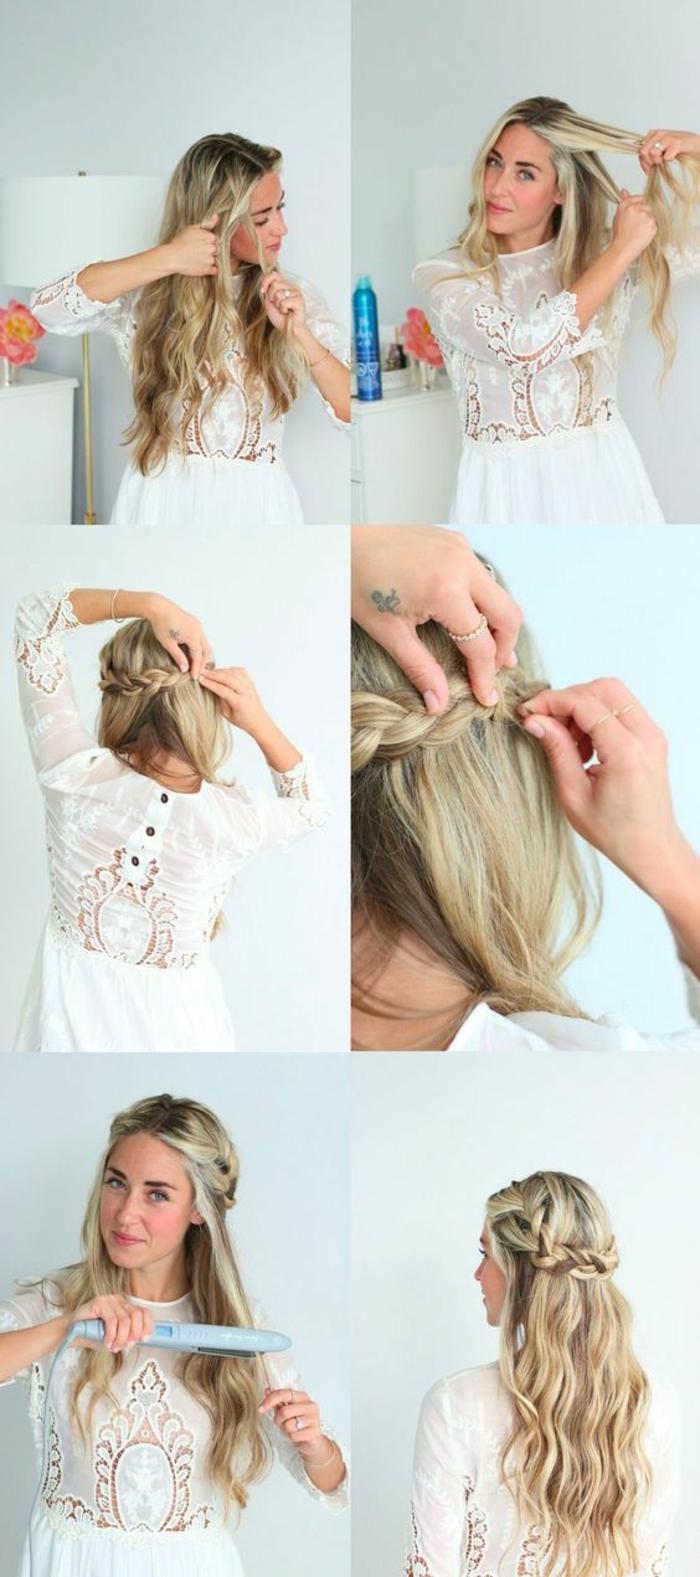 weißes kleid mit spitze, lange, lockige, blonde haare, flechtfrisur